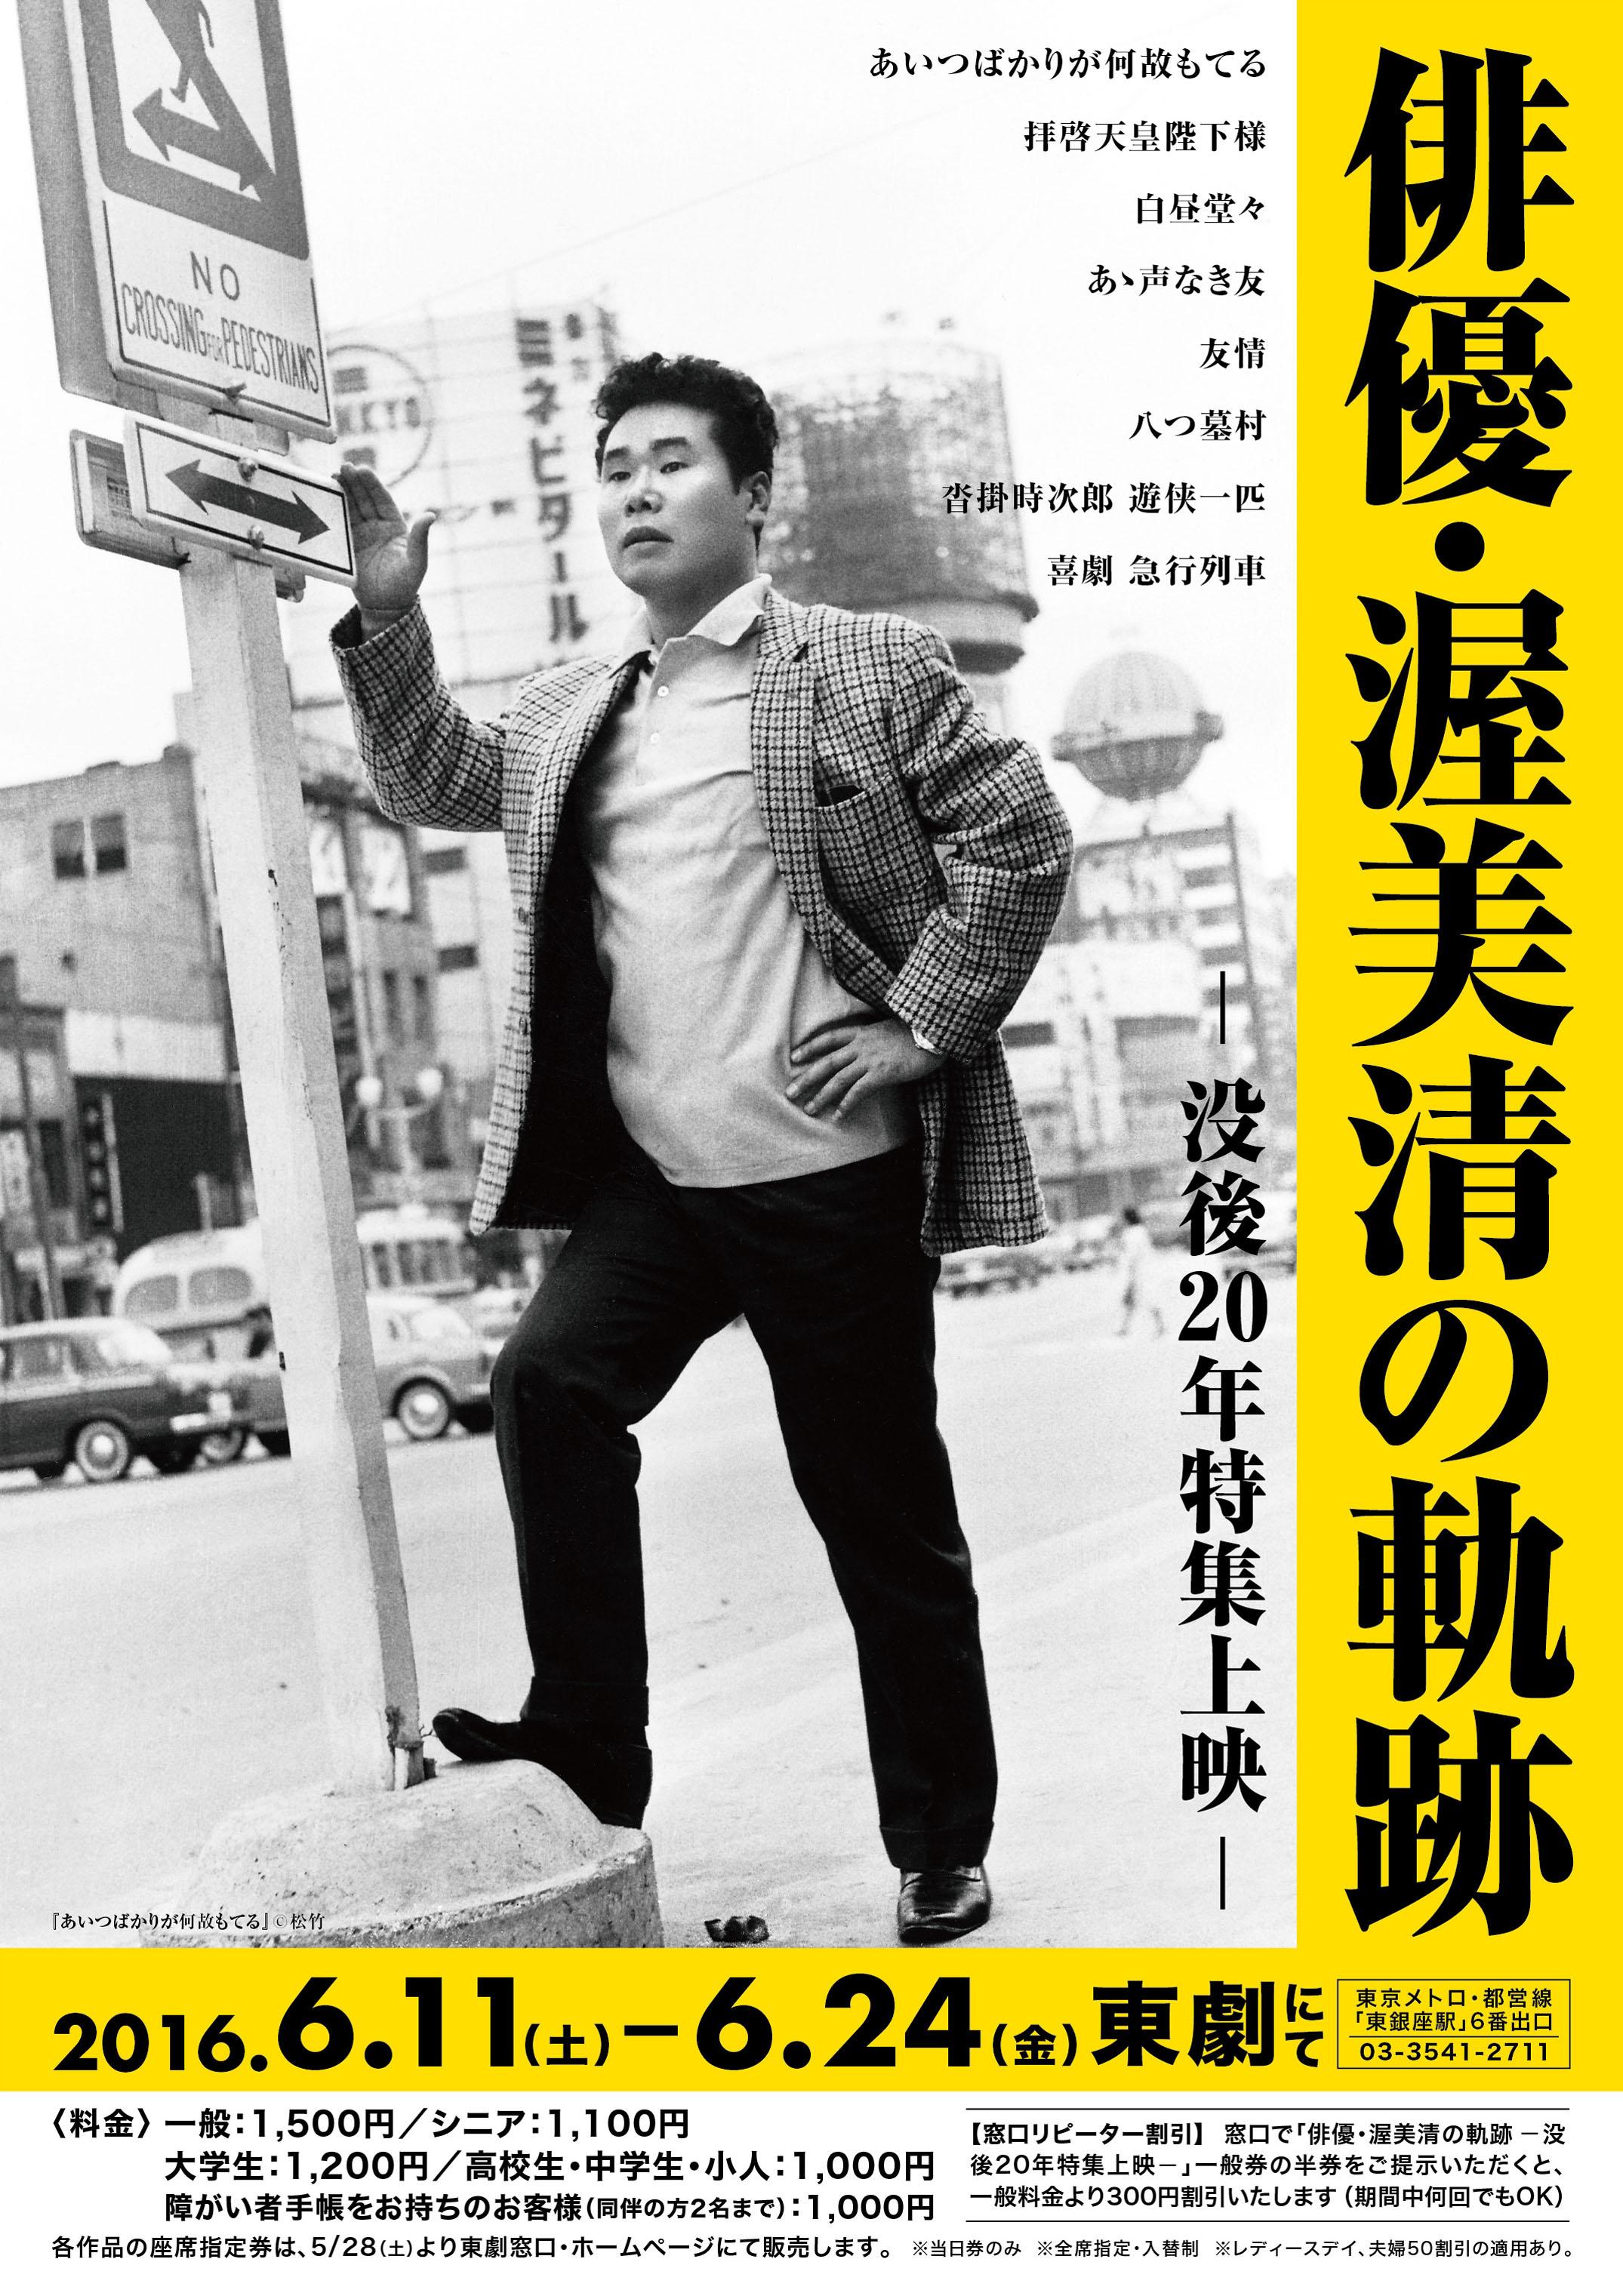 俳優・渥美清の軌跡-没後20年特集上映-東劇にて上映決定!